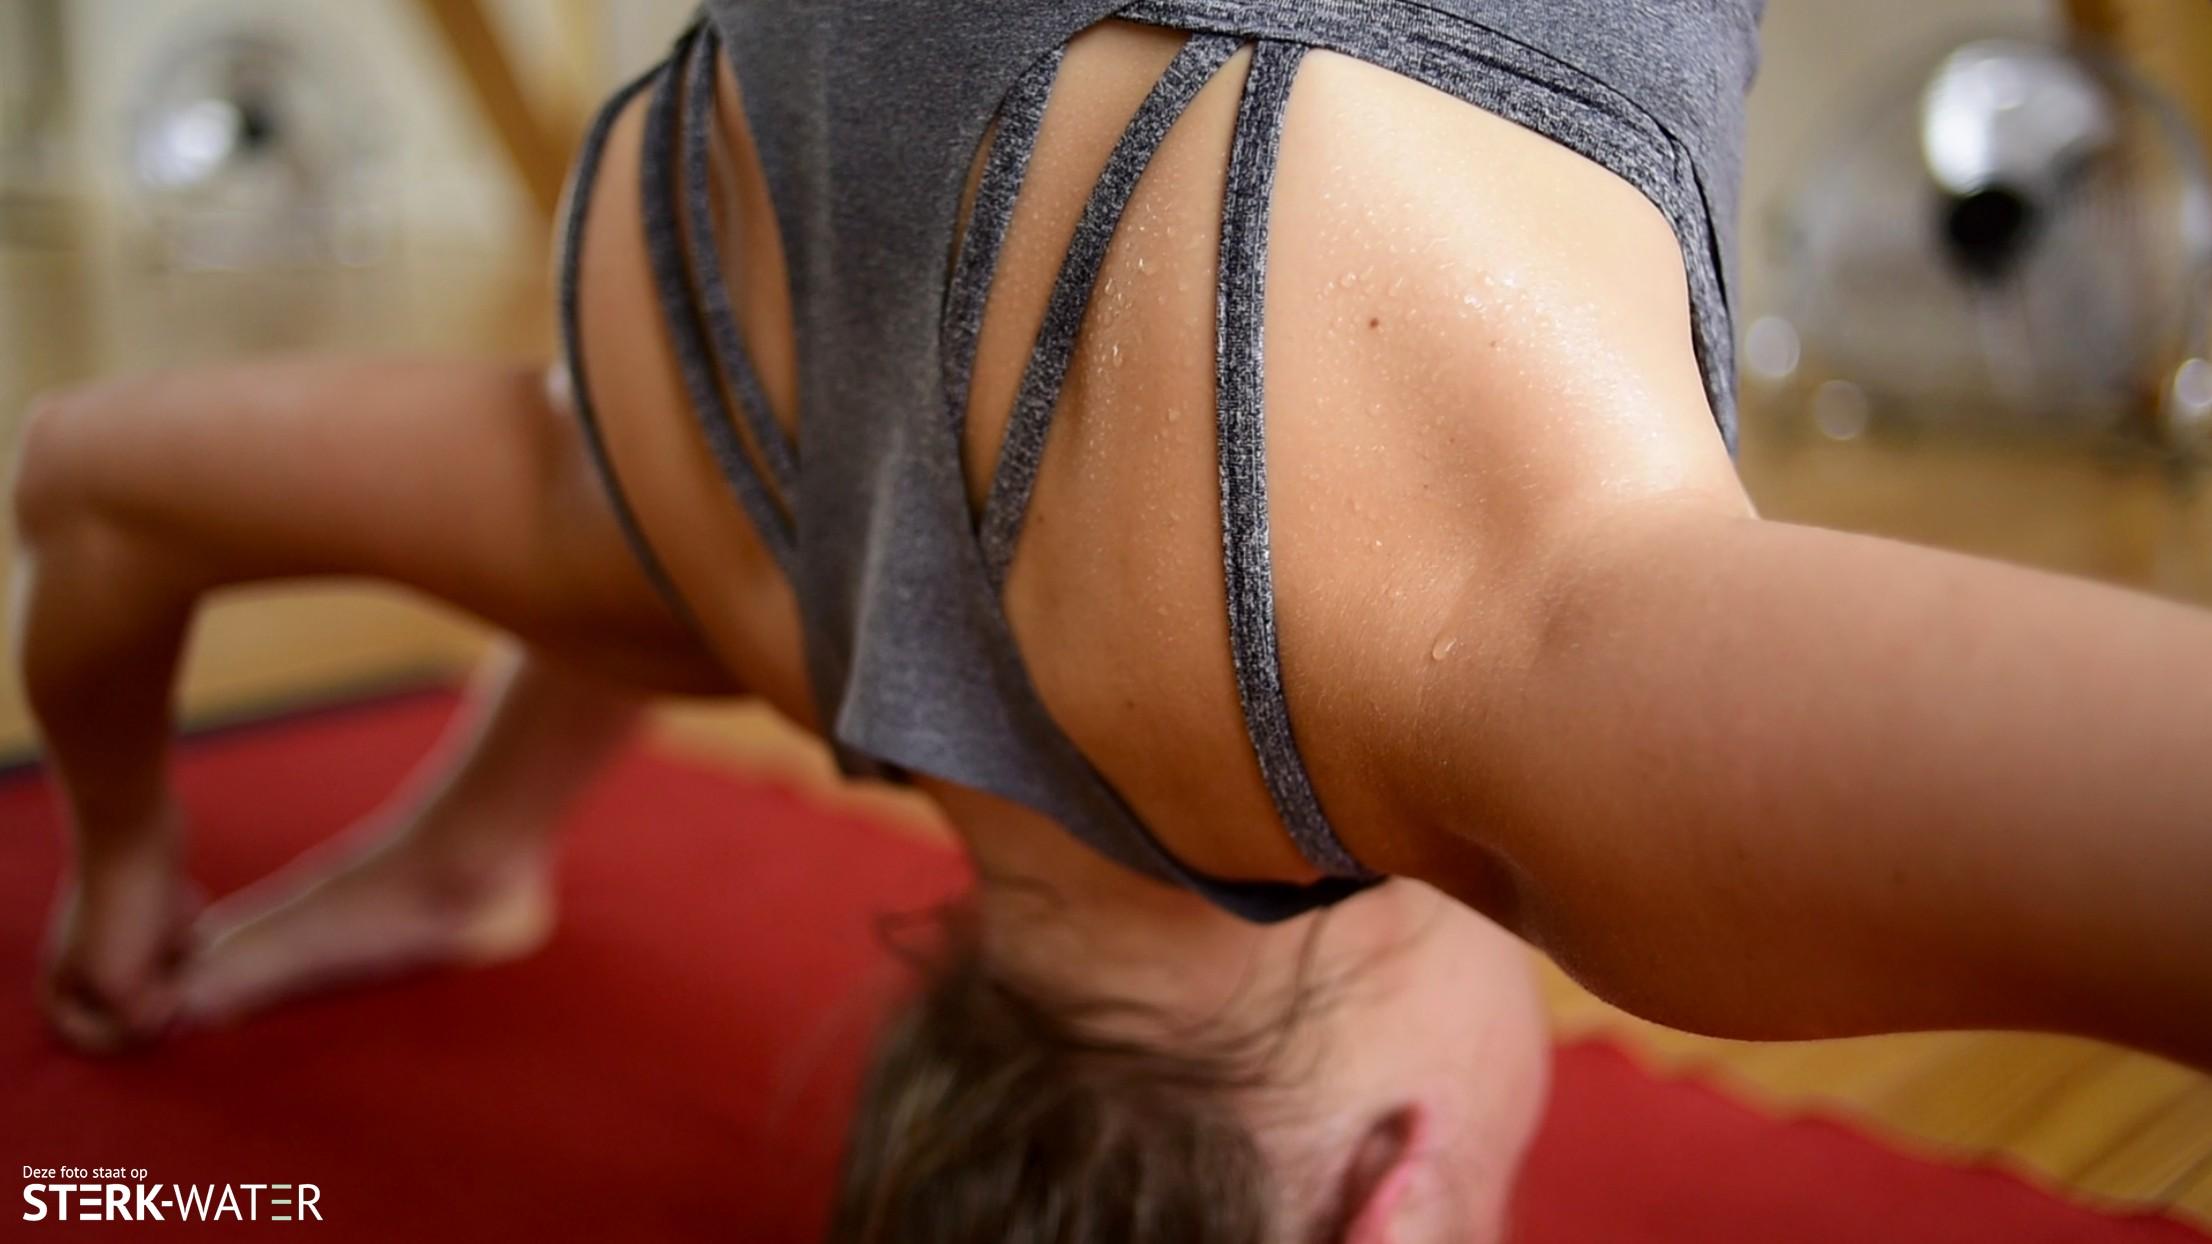 Voorkom blessures tijdens hot yoga